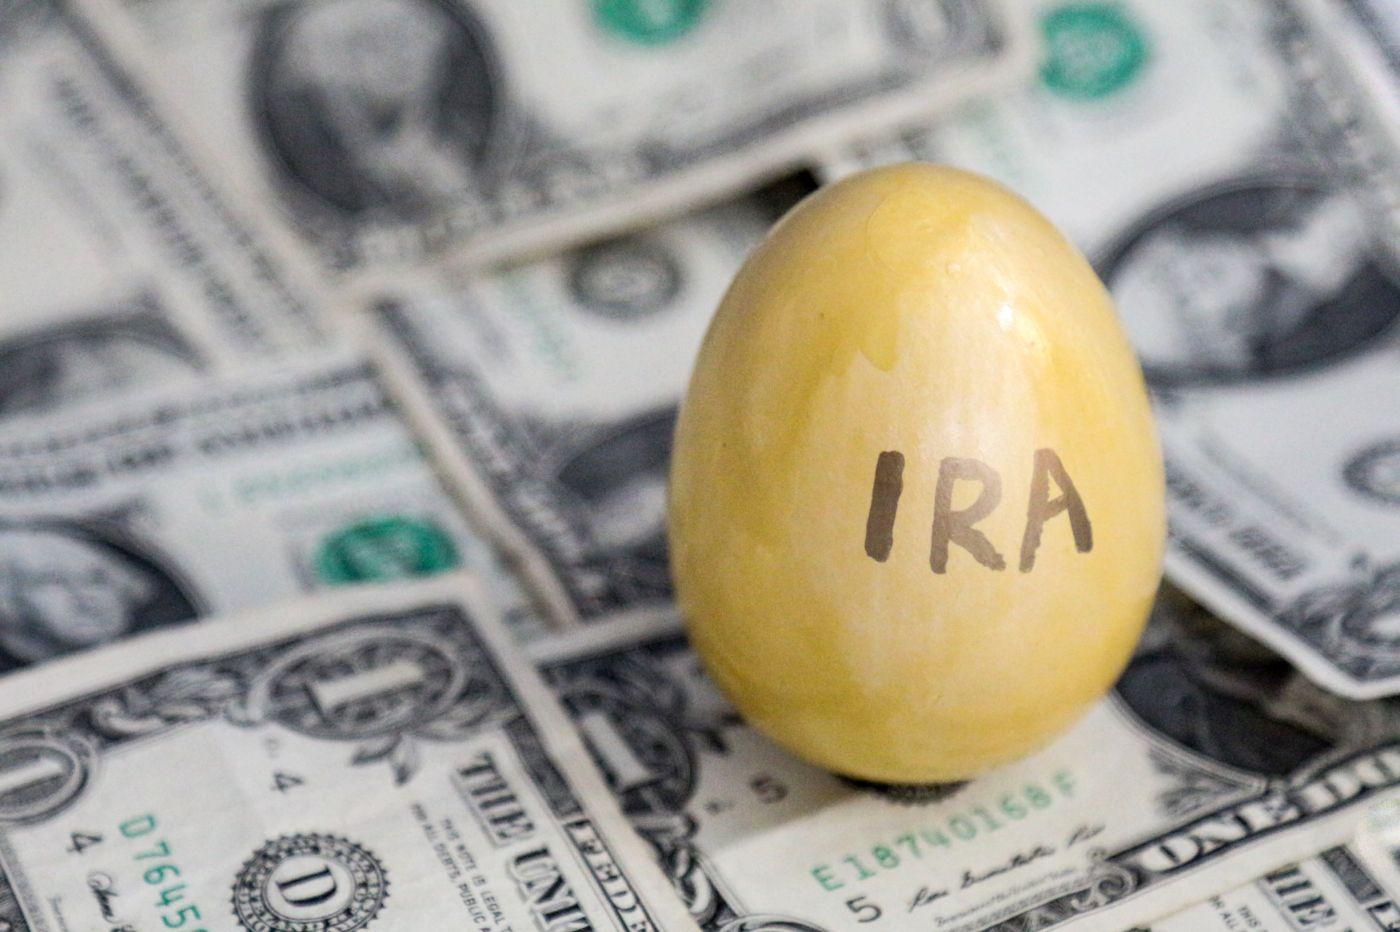 paying tax on IRA distribution